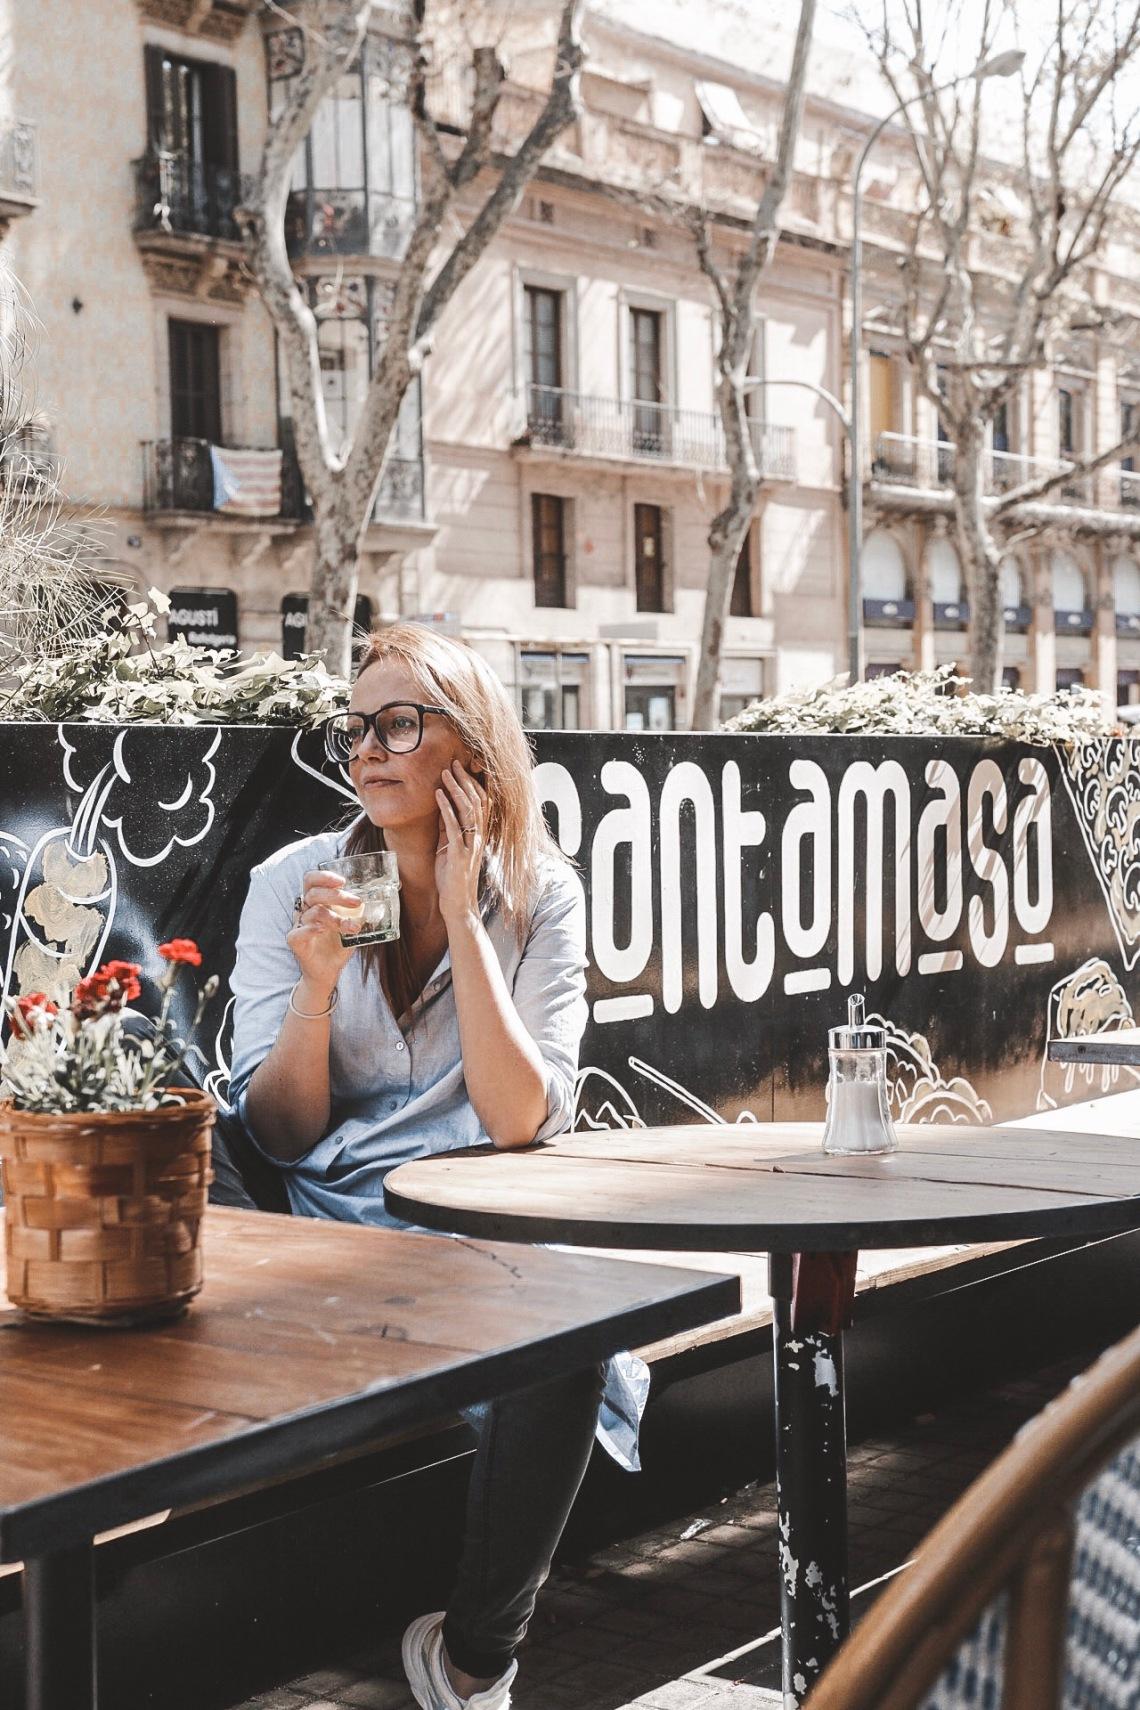 santamasa restaurantes 17